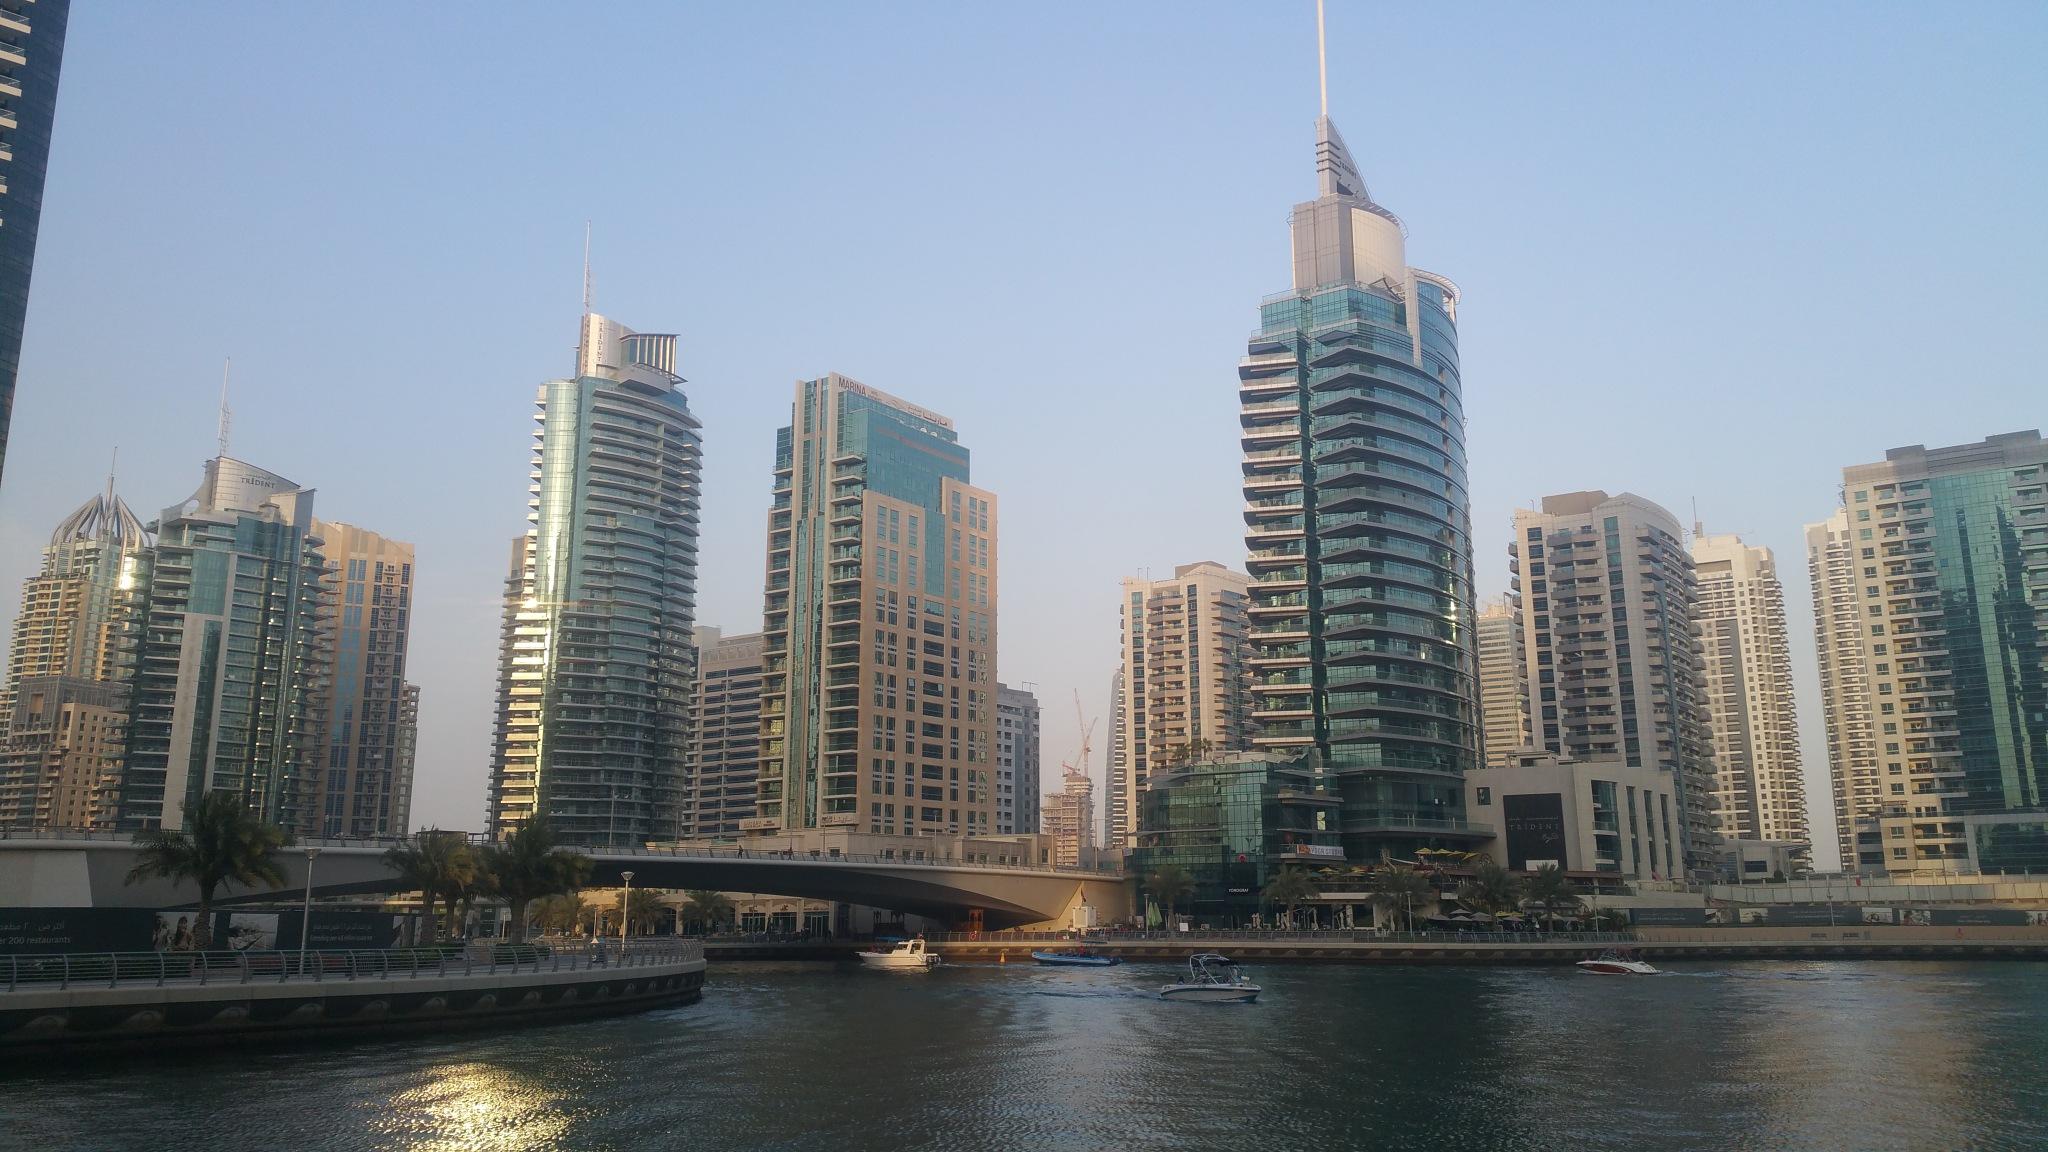 Dubai Marina by Haseeb Ahmed